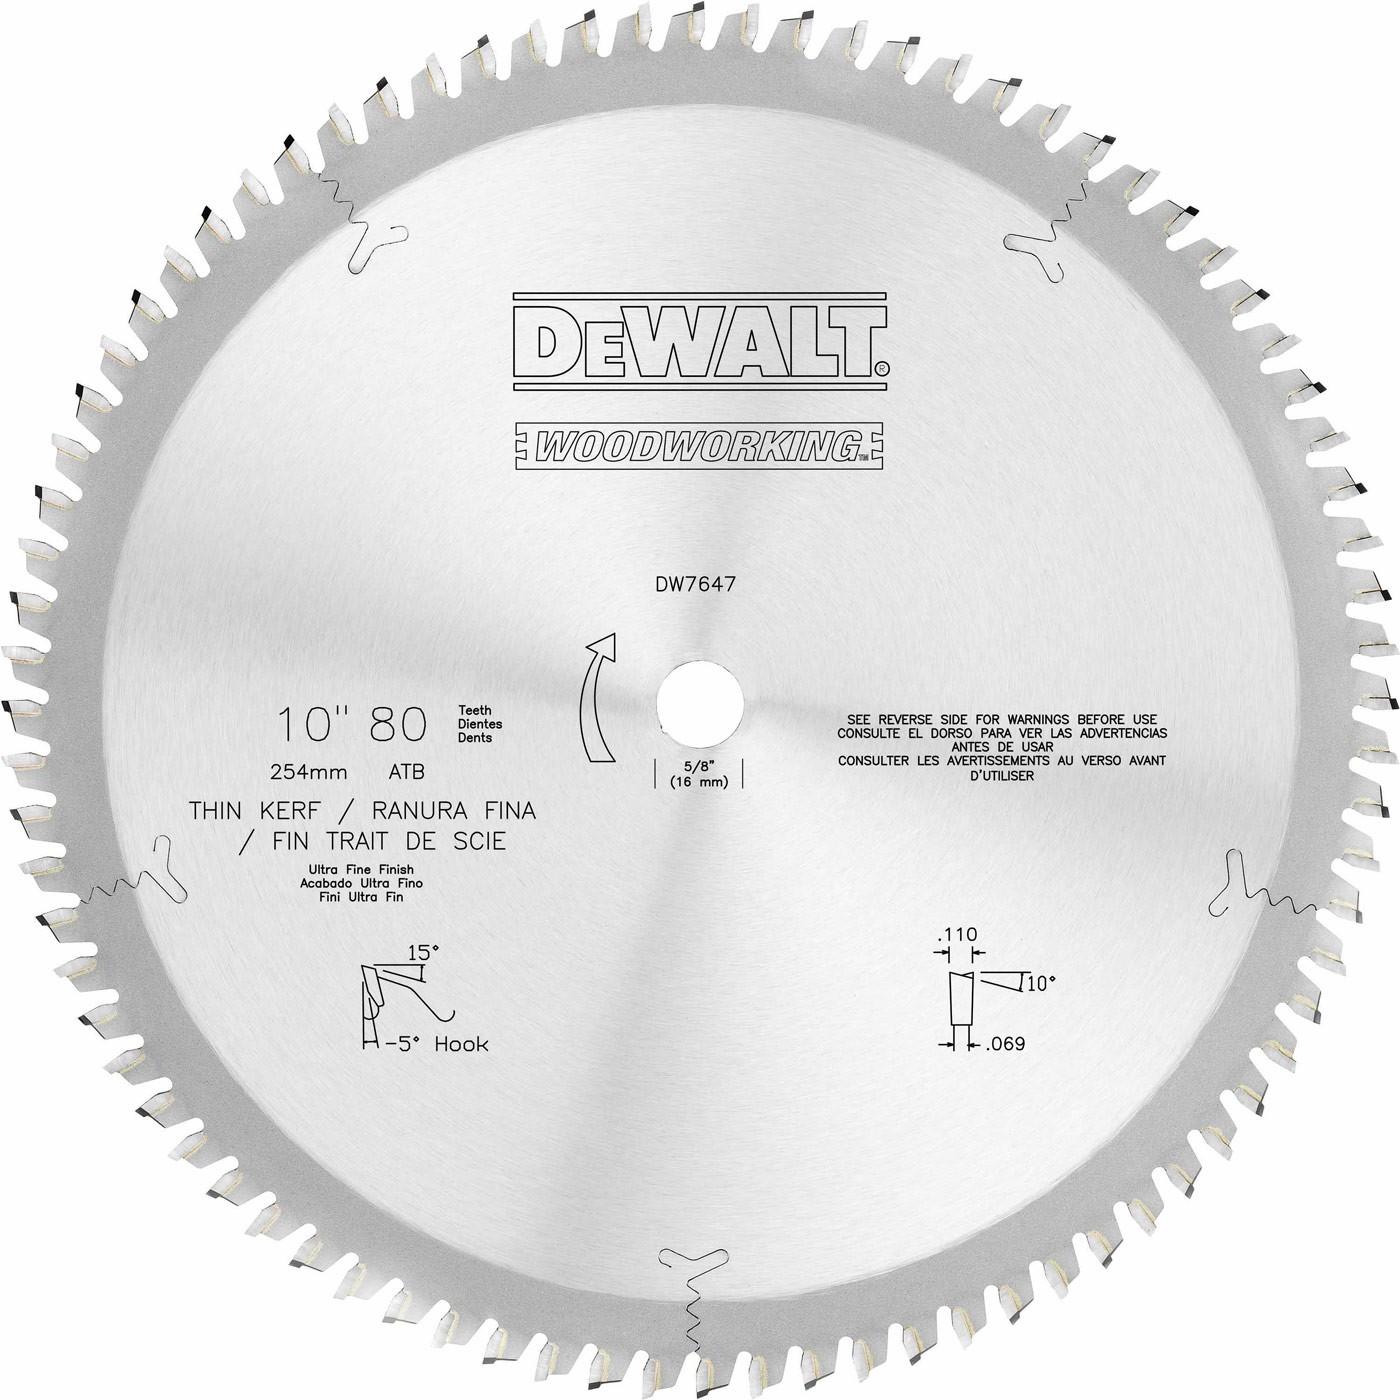 Dewalt dw7647 10 80t fine crosscuts woodworking blade keyboard keysfo Choice Image